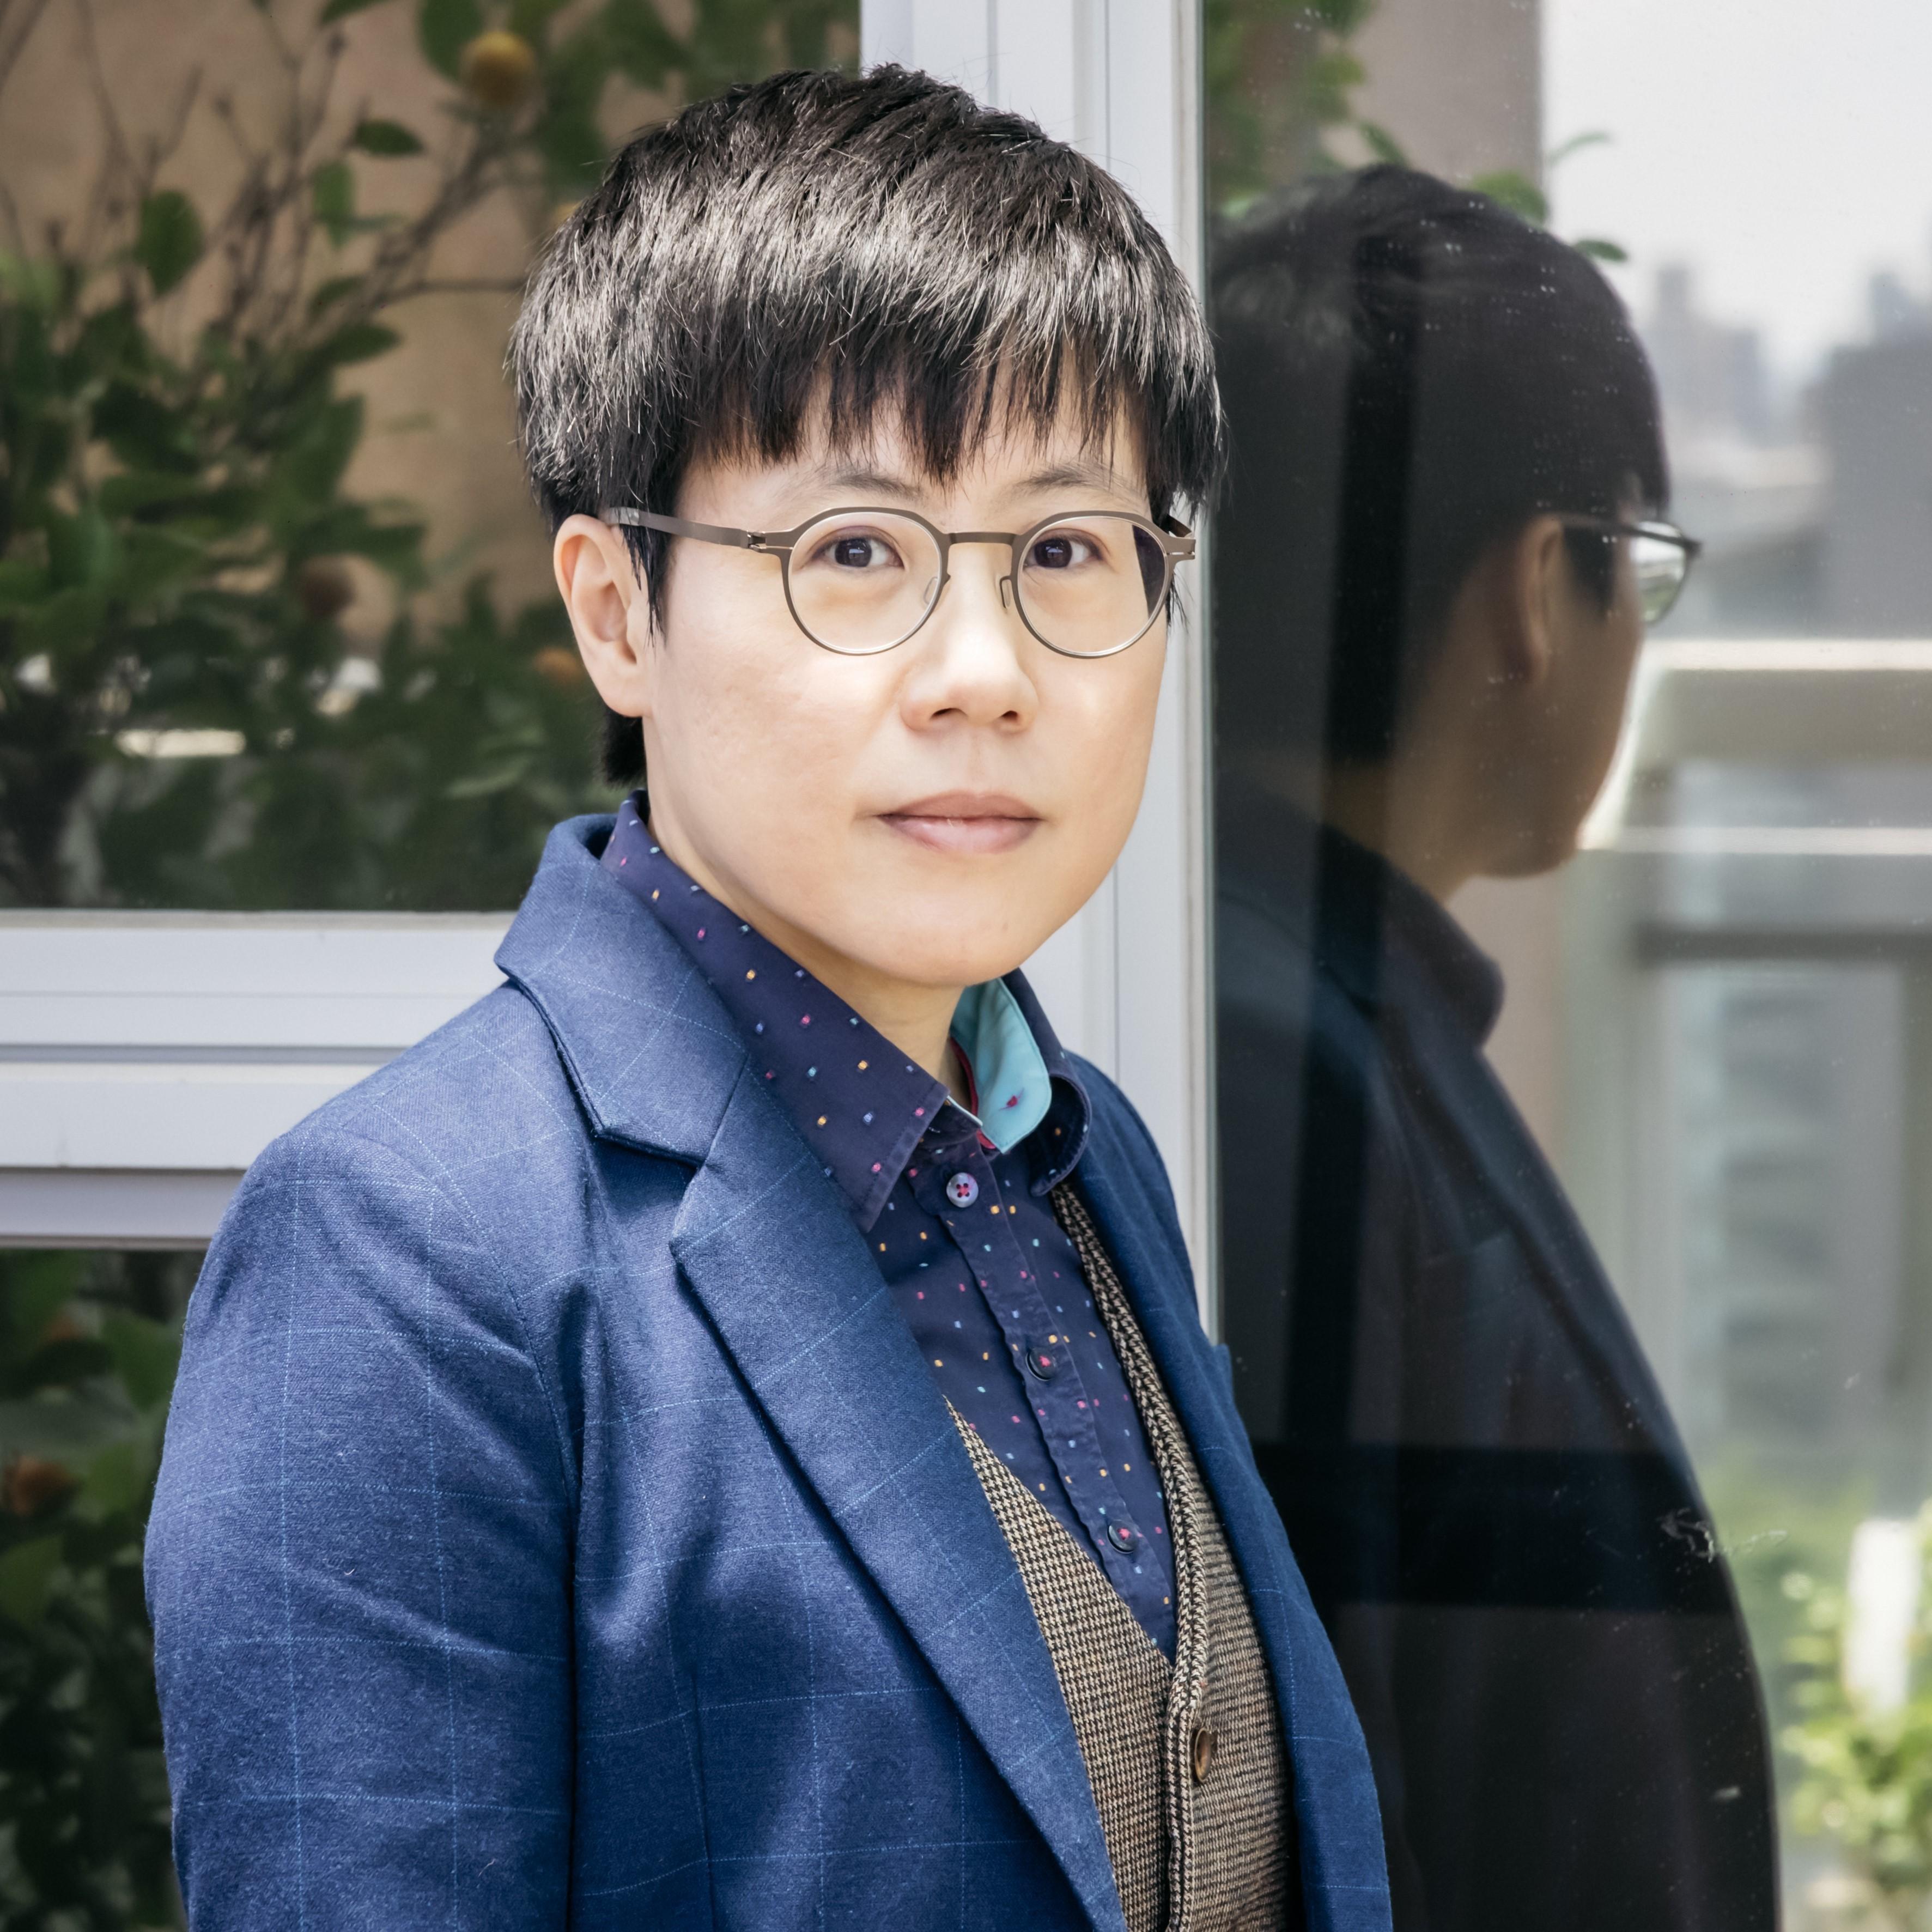 楊雅雯 Ya-Wen Yang